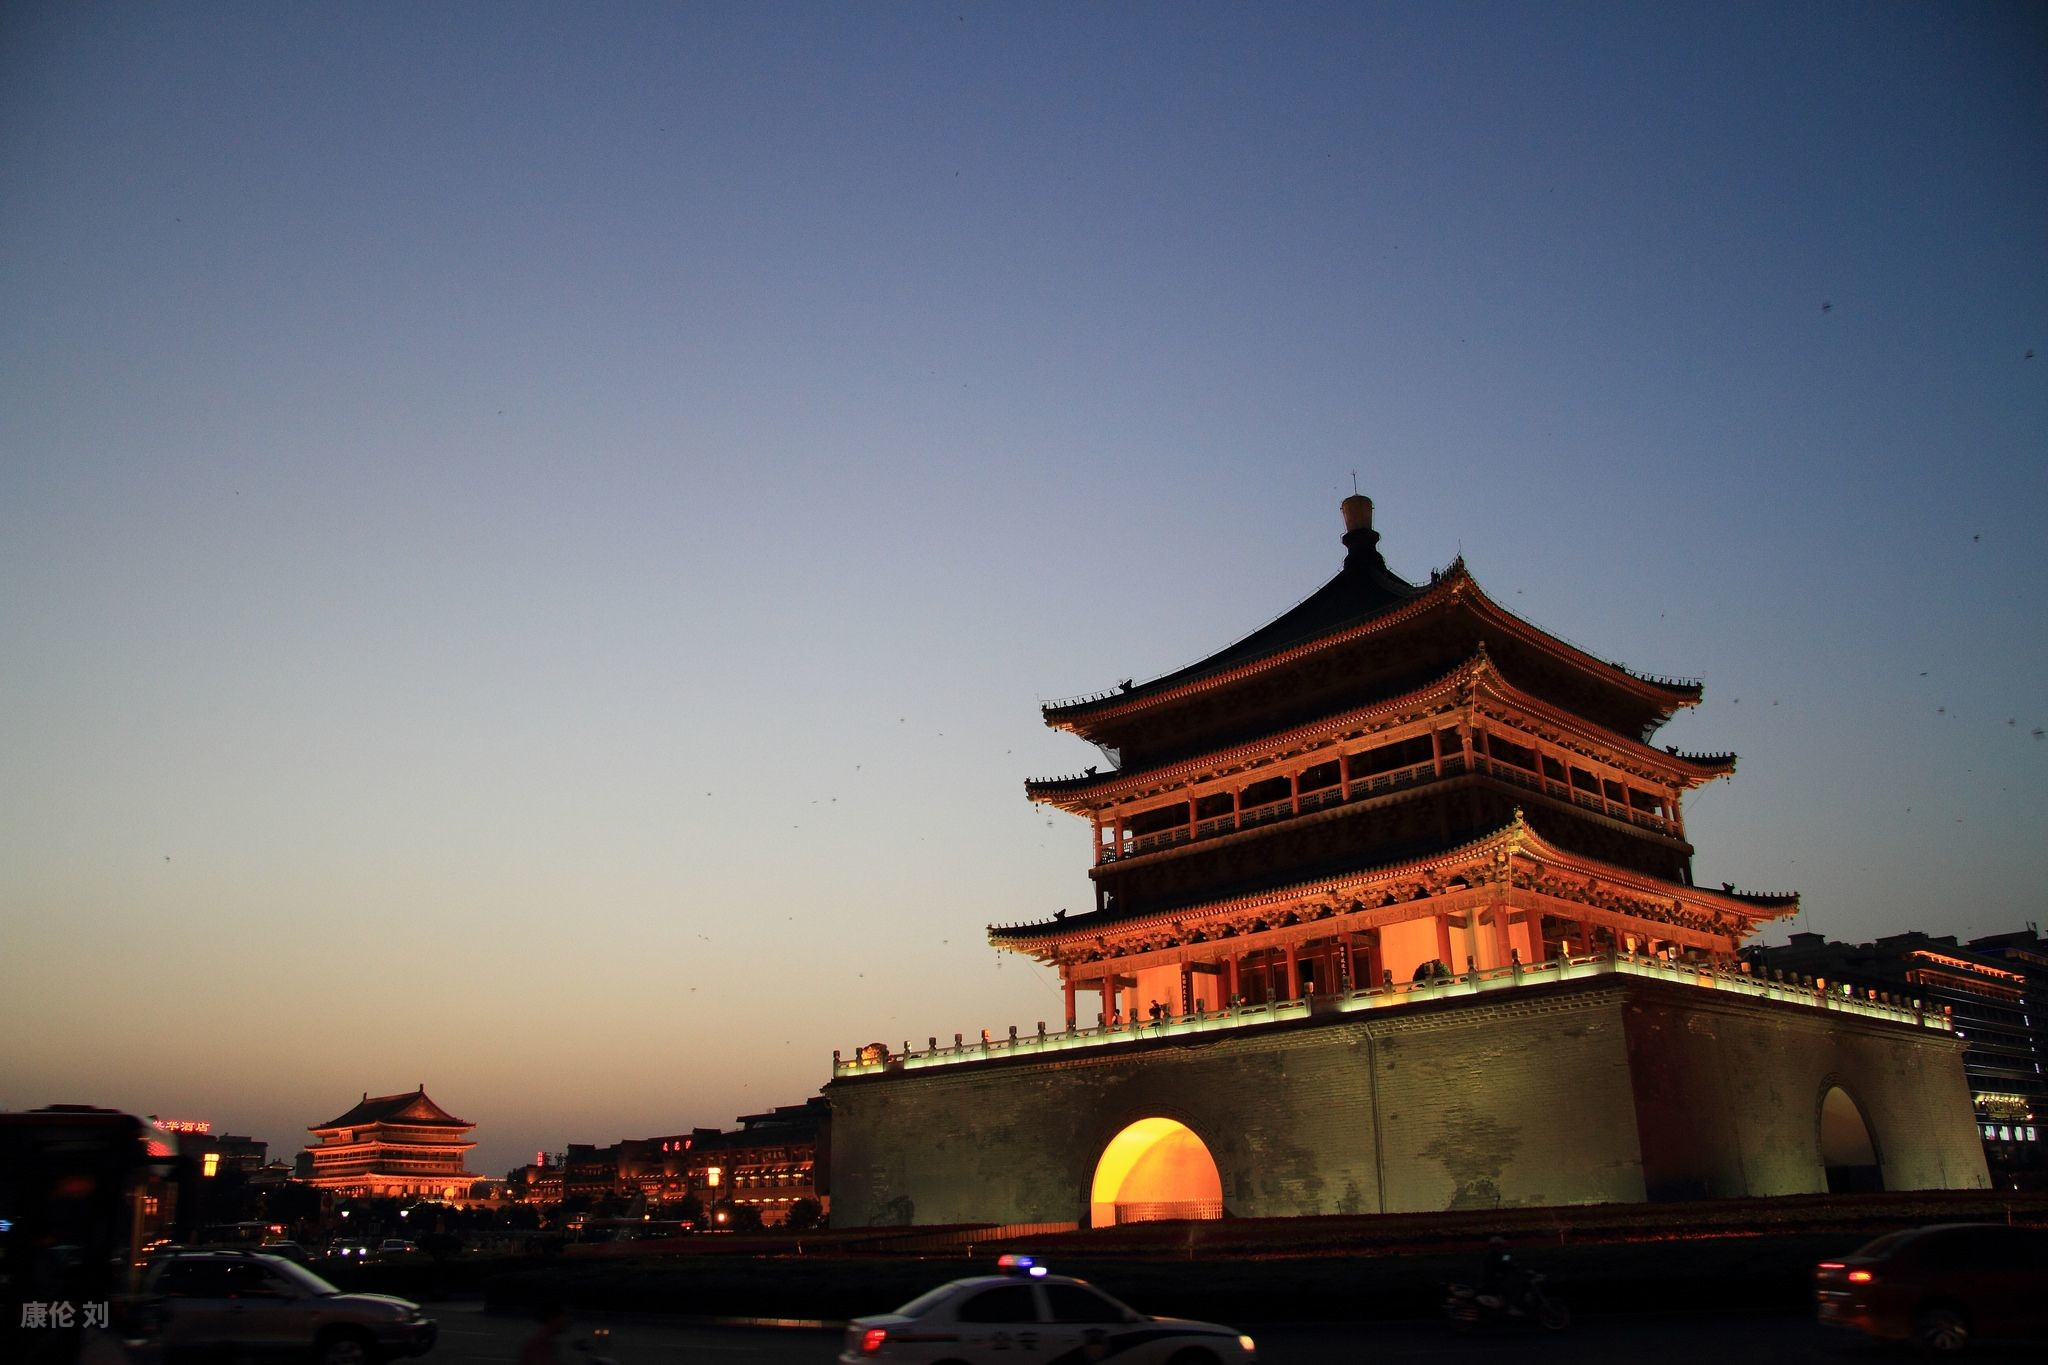 西安豪華4日【悅椿溫泉酒店3晚及酒店晚餐、大明宮遺址+3D電影、無購物、無自費】